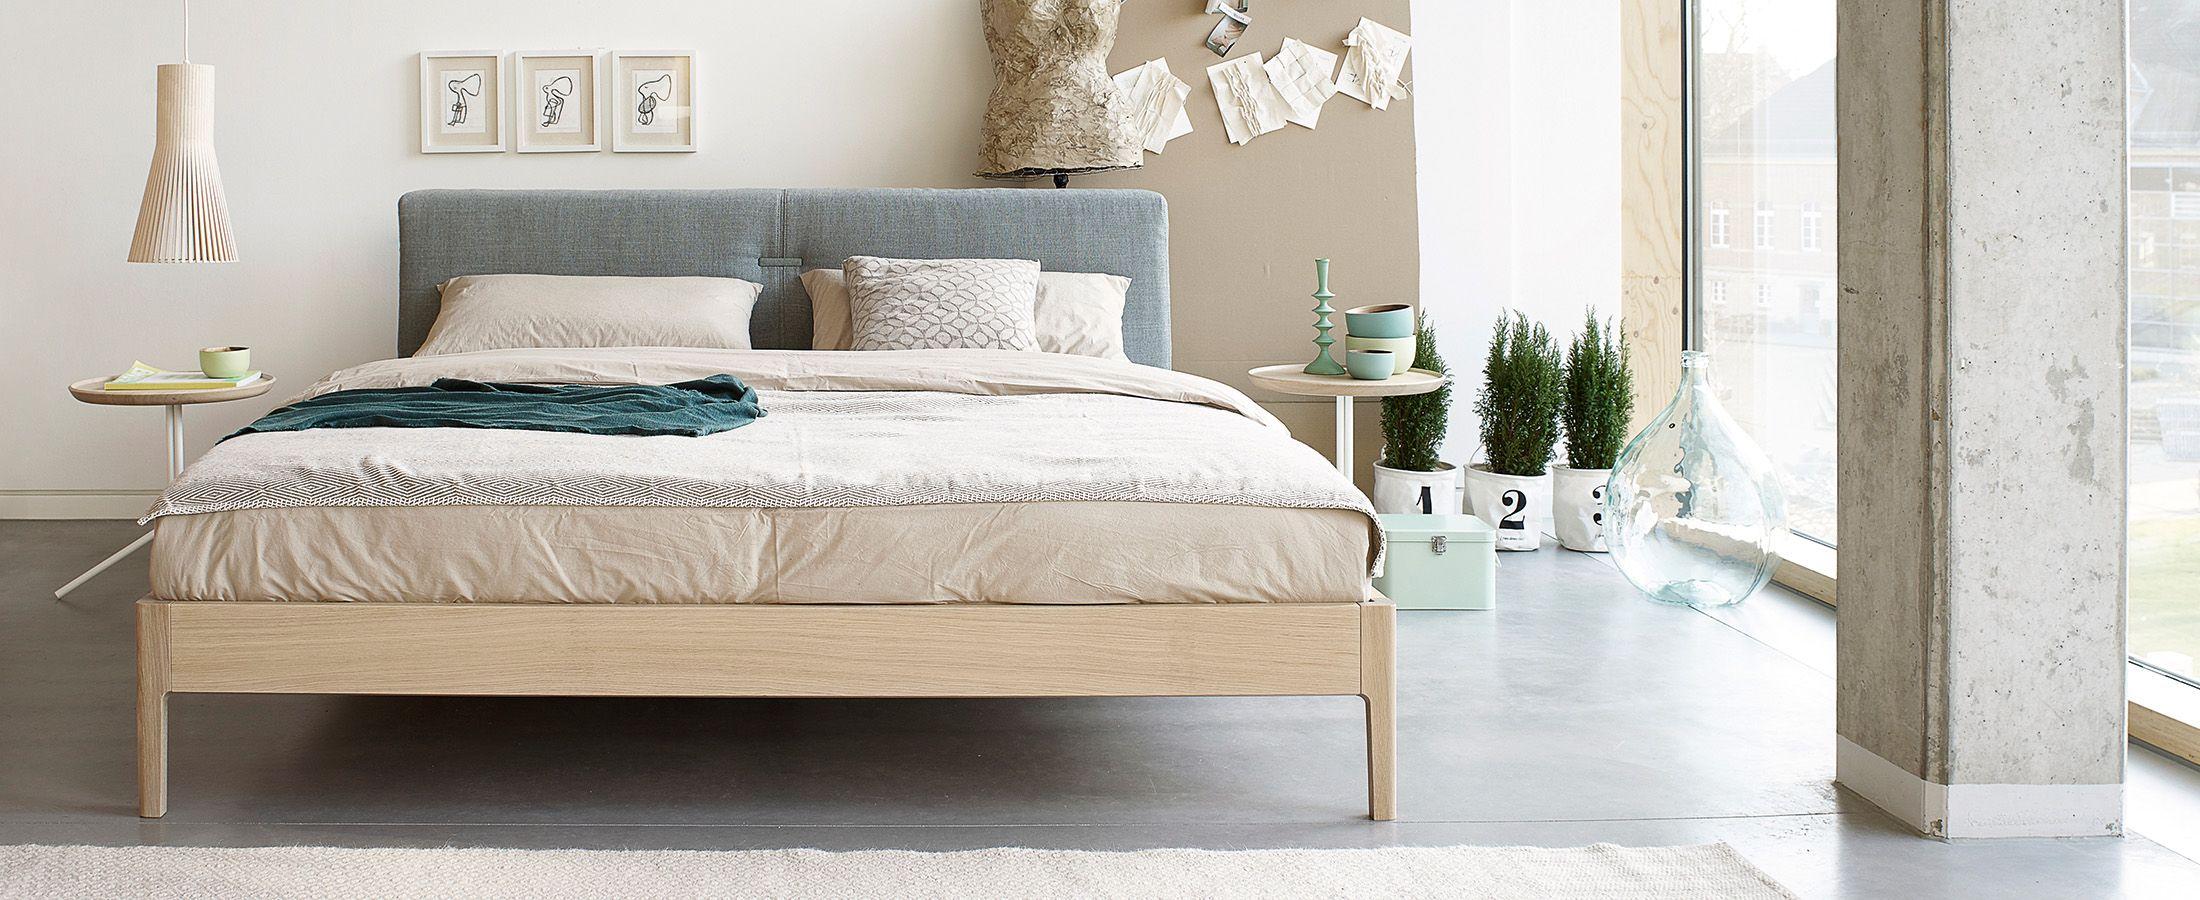 Thread Wood Schlafzimmer, Inneneinrichtung, Zimmer